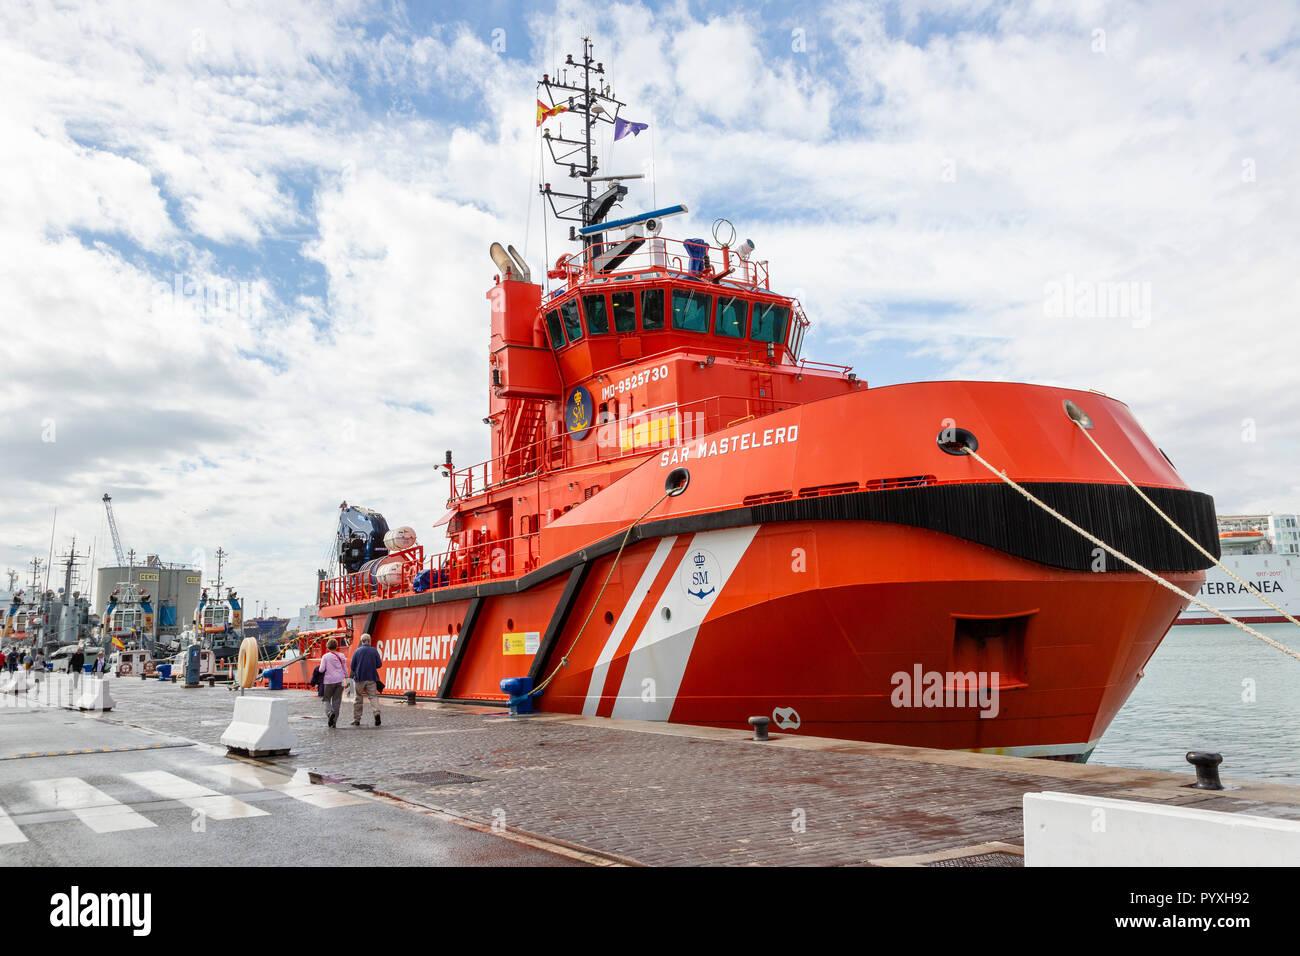 Spain tall ship stock photos spain tall ship stock - Stock uno alicante ...